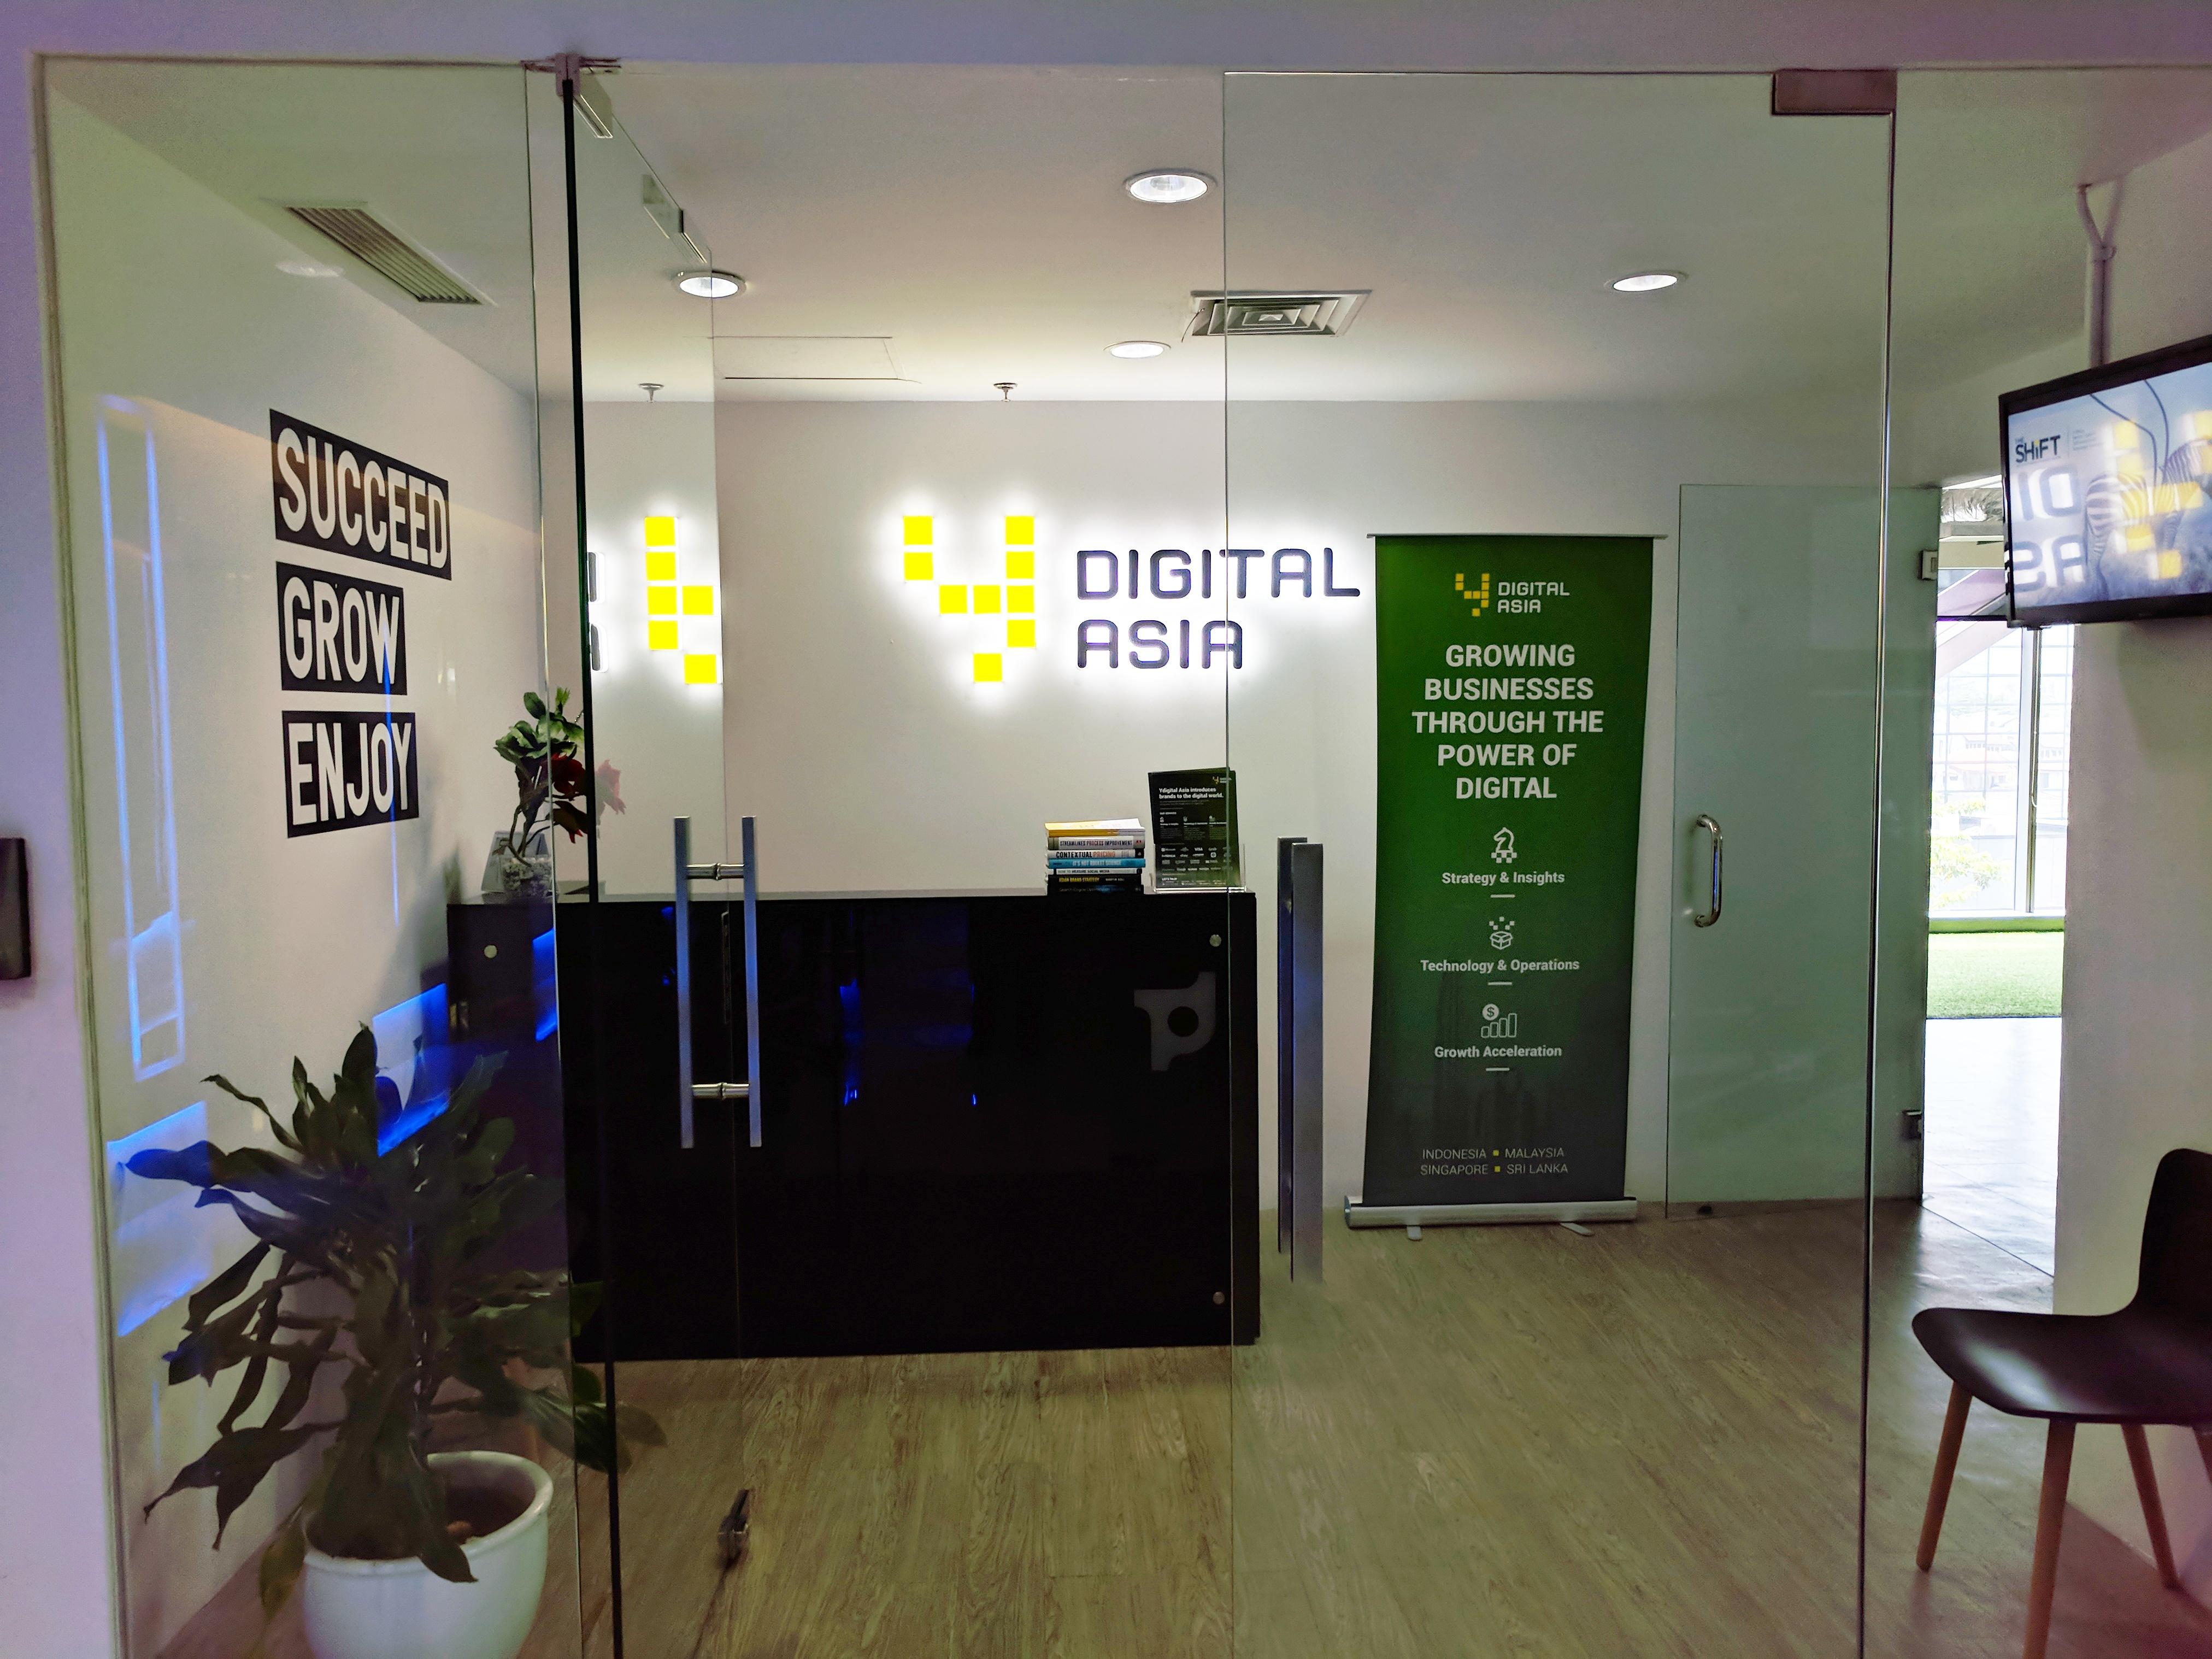 Ydigital Asia